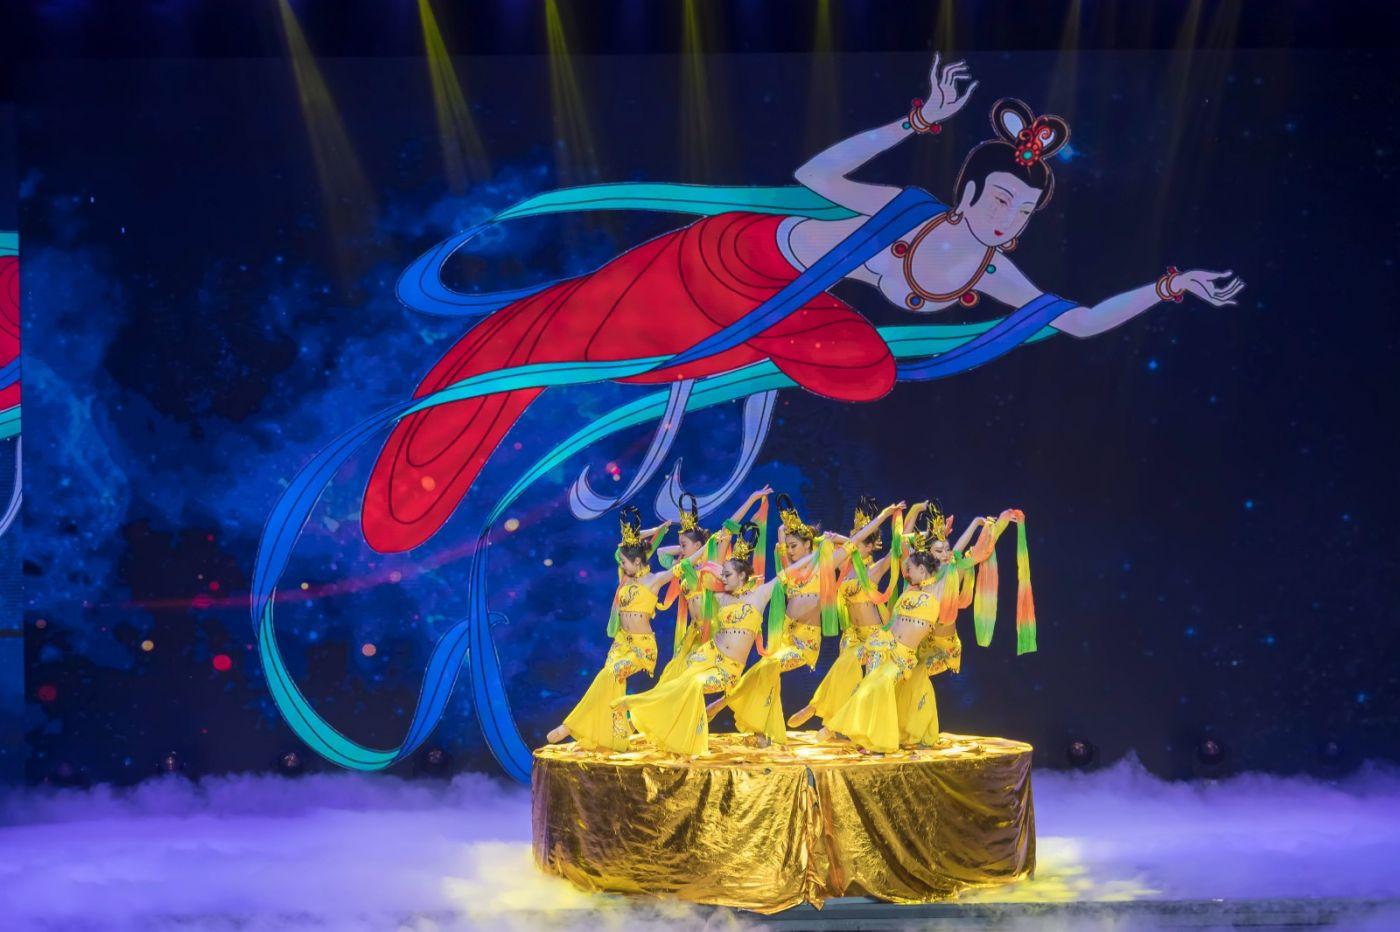 沂蒙大地上 有一种舞蹈叫飞天 这是几位临沂女孩的杰作 美轮美奂 ..._图1-51